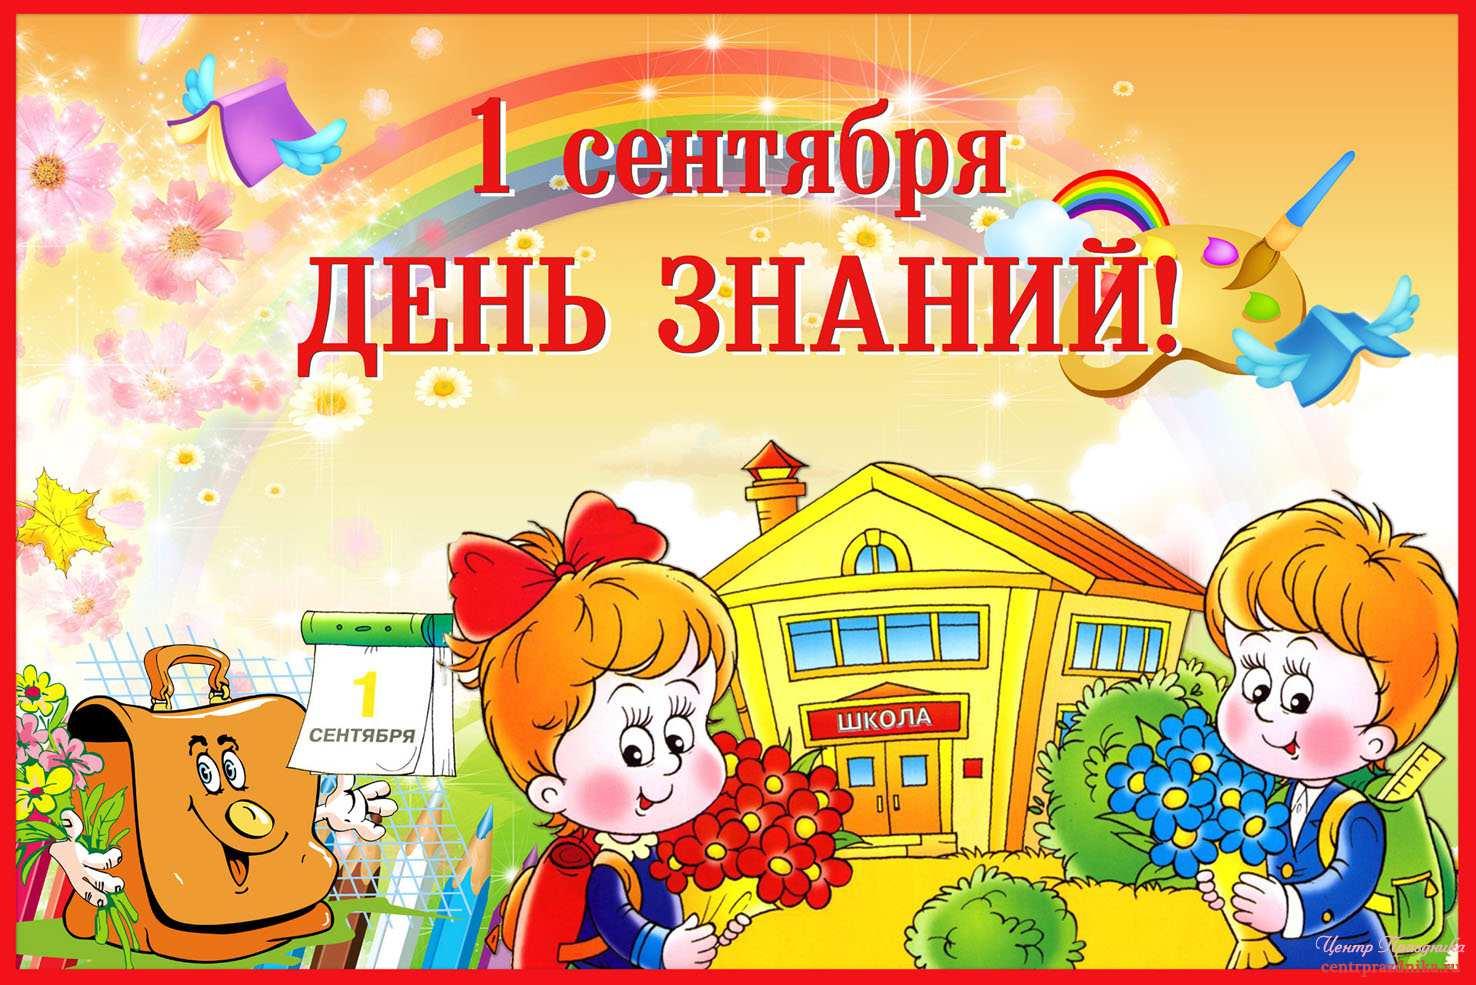 Картинка с 1 сентября для детского сада, картинки помолвка картинки